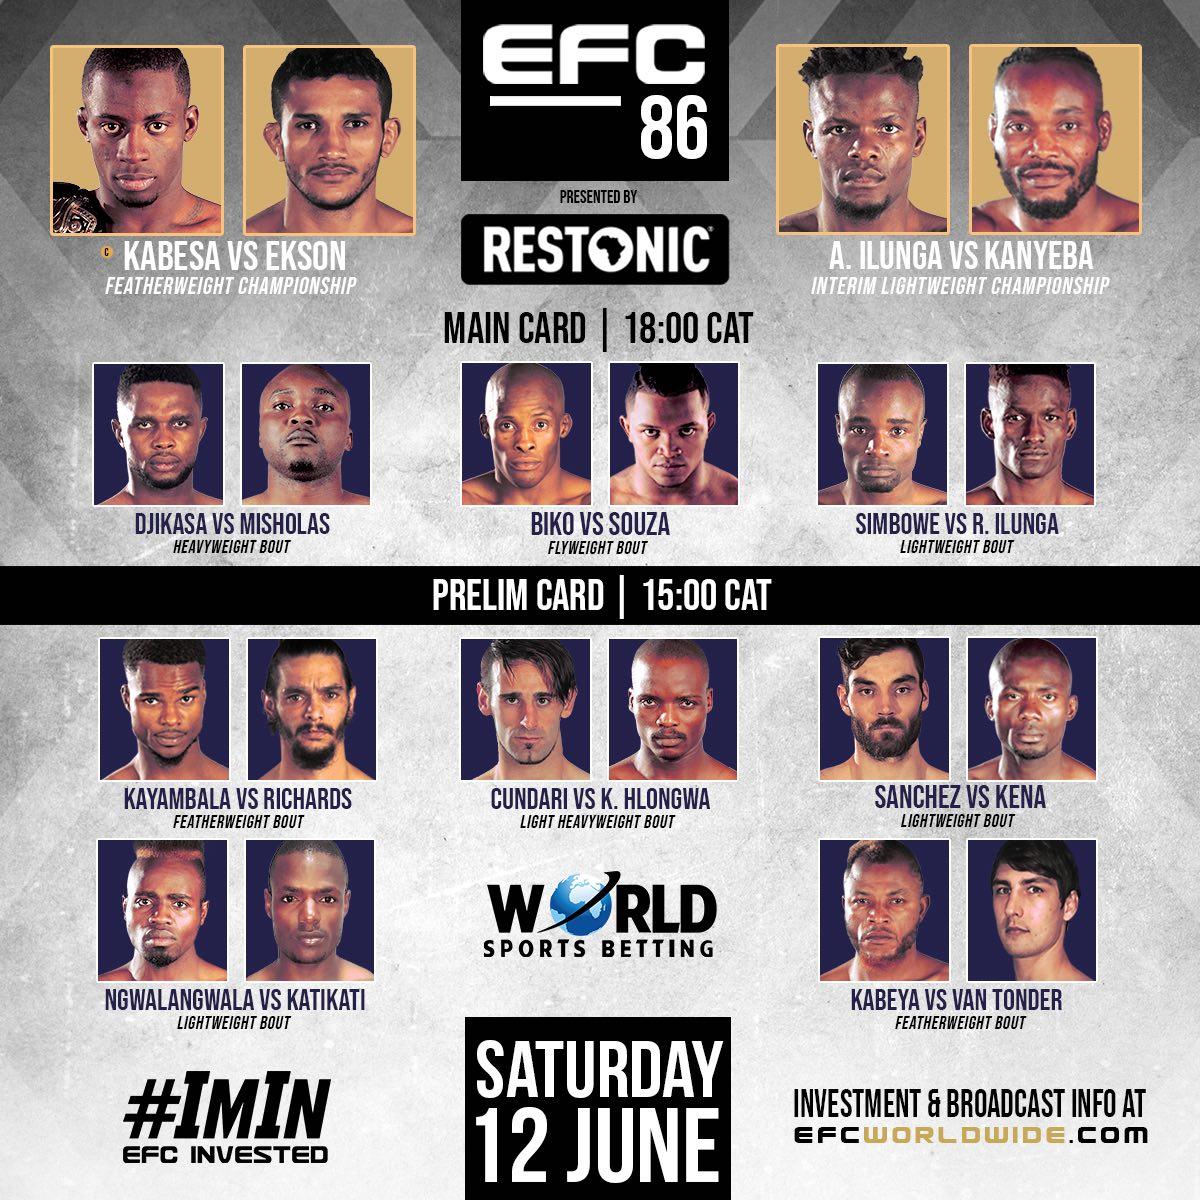 EFC 86 MMA Fight Card